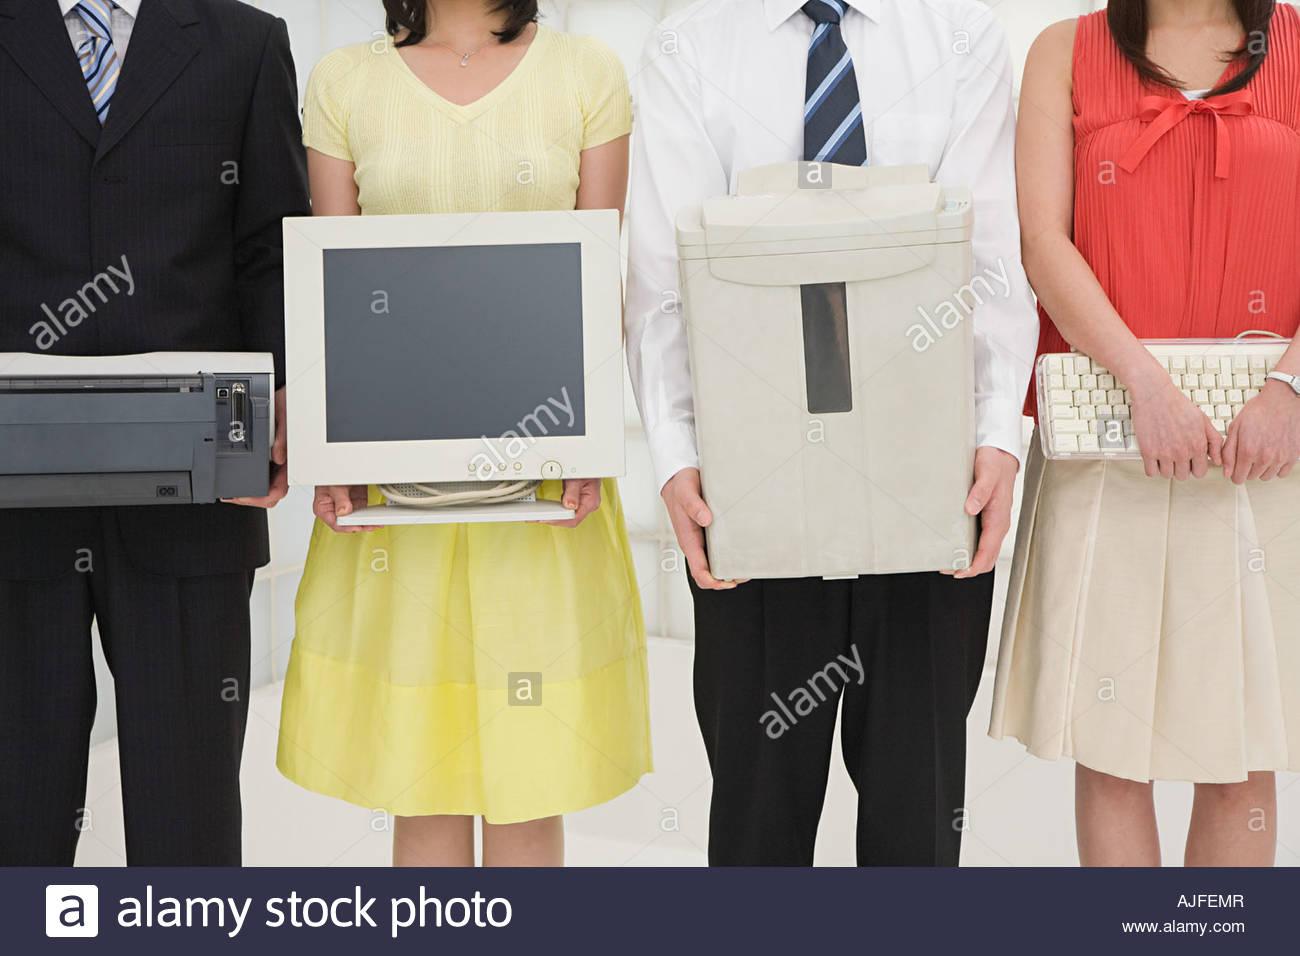 Les personnes titulaires d'équipement de bureau Photo Stock